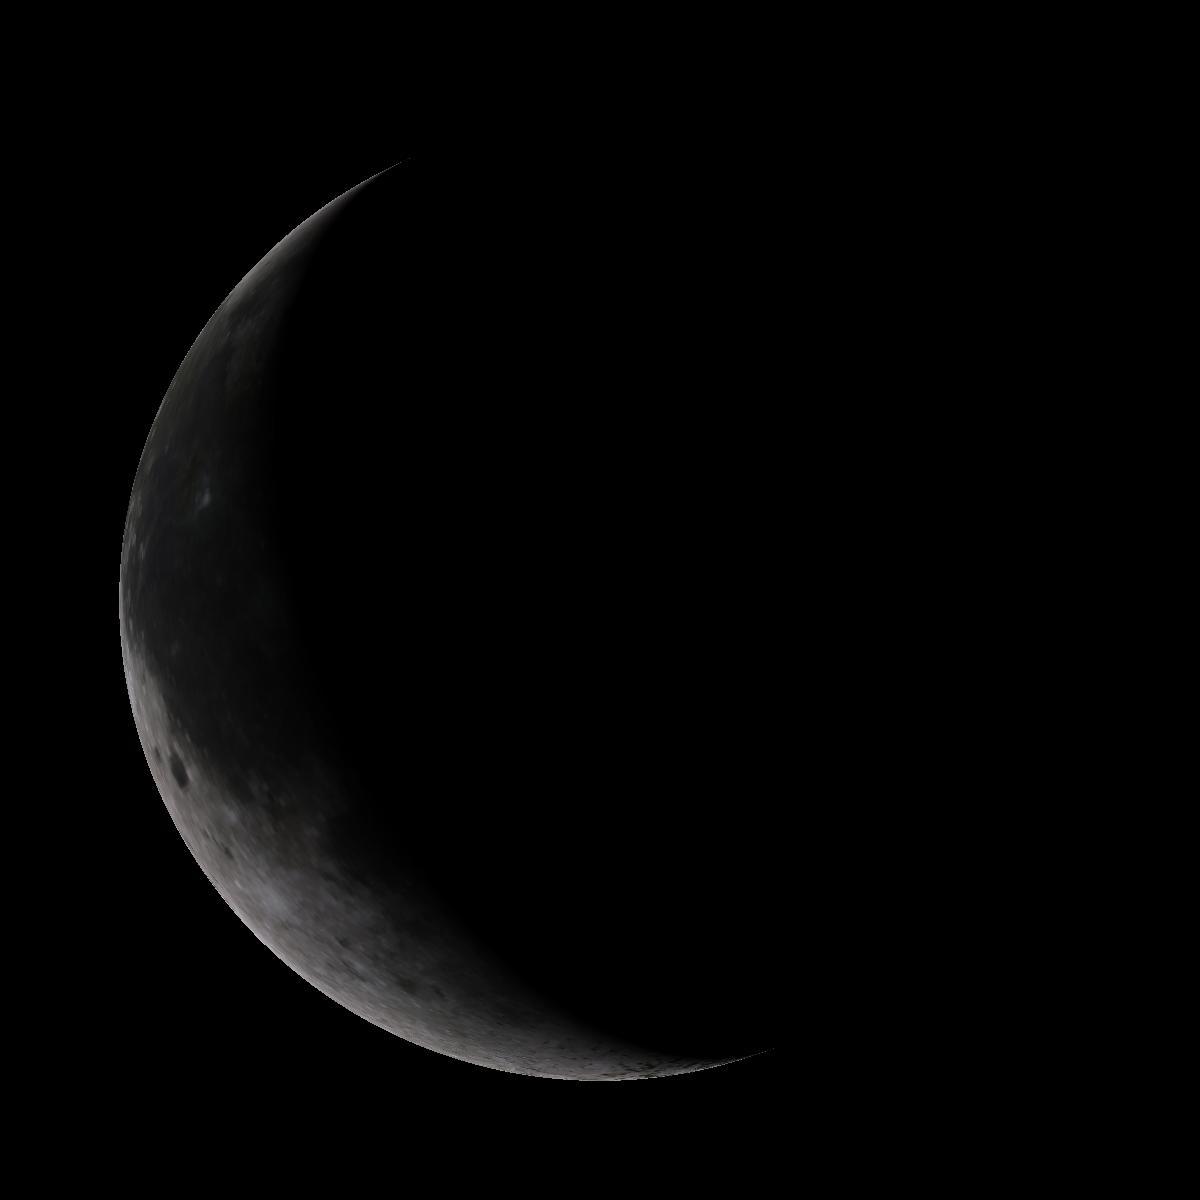 Lune du 22 décembre 2019